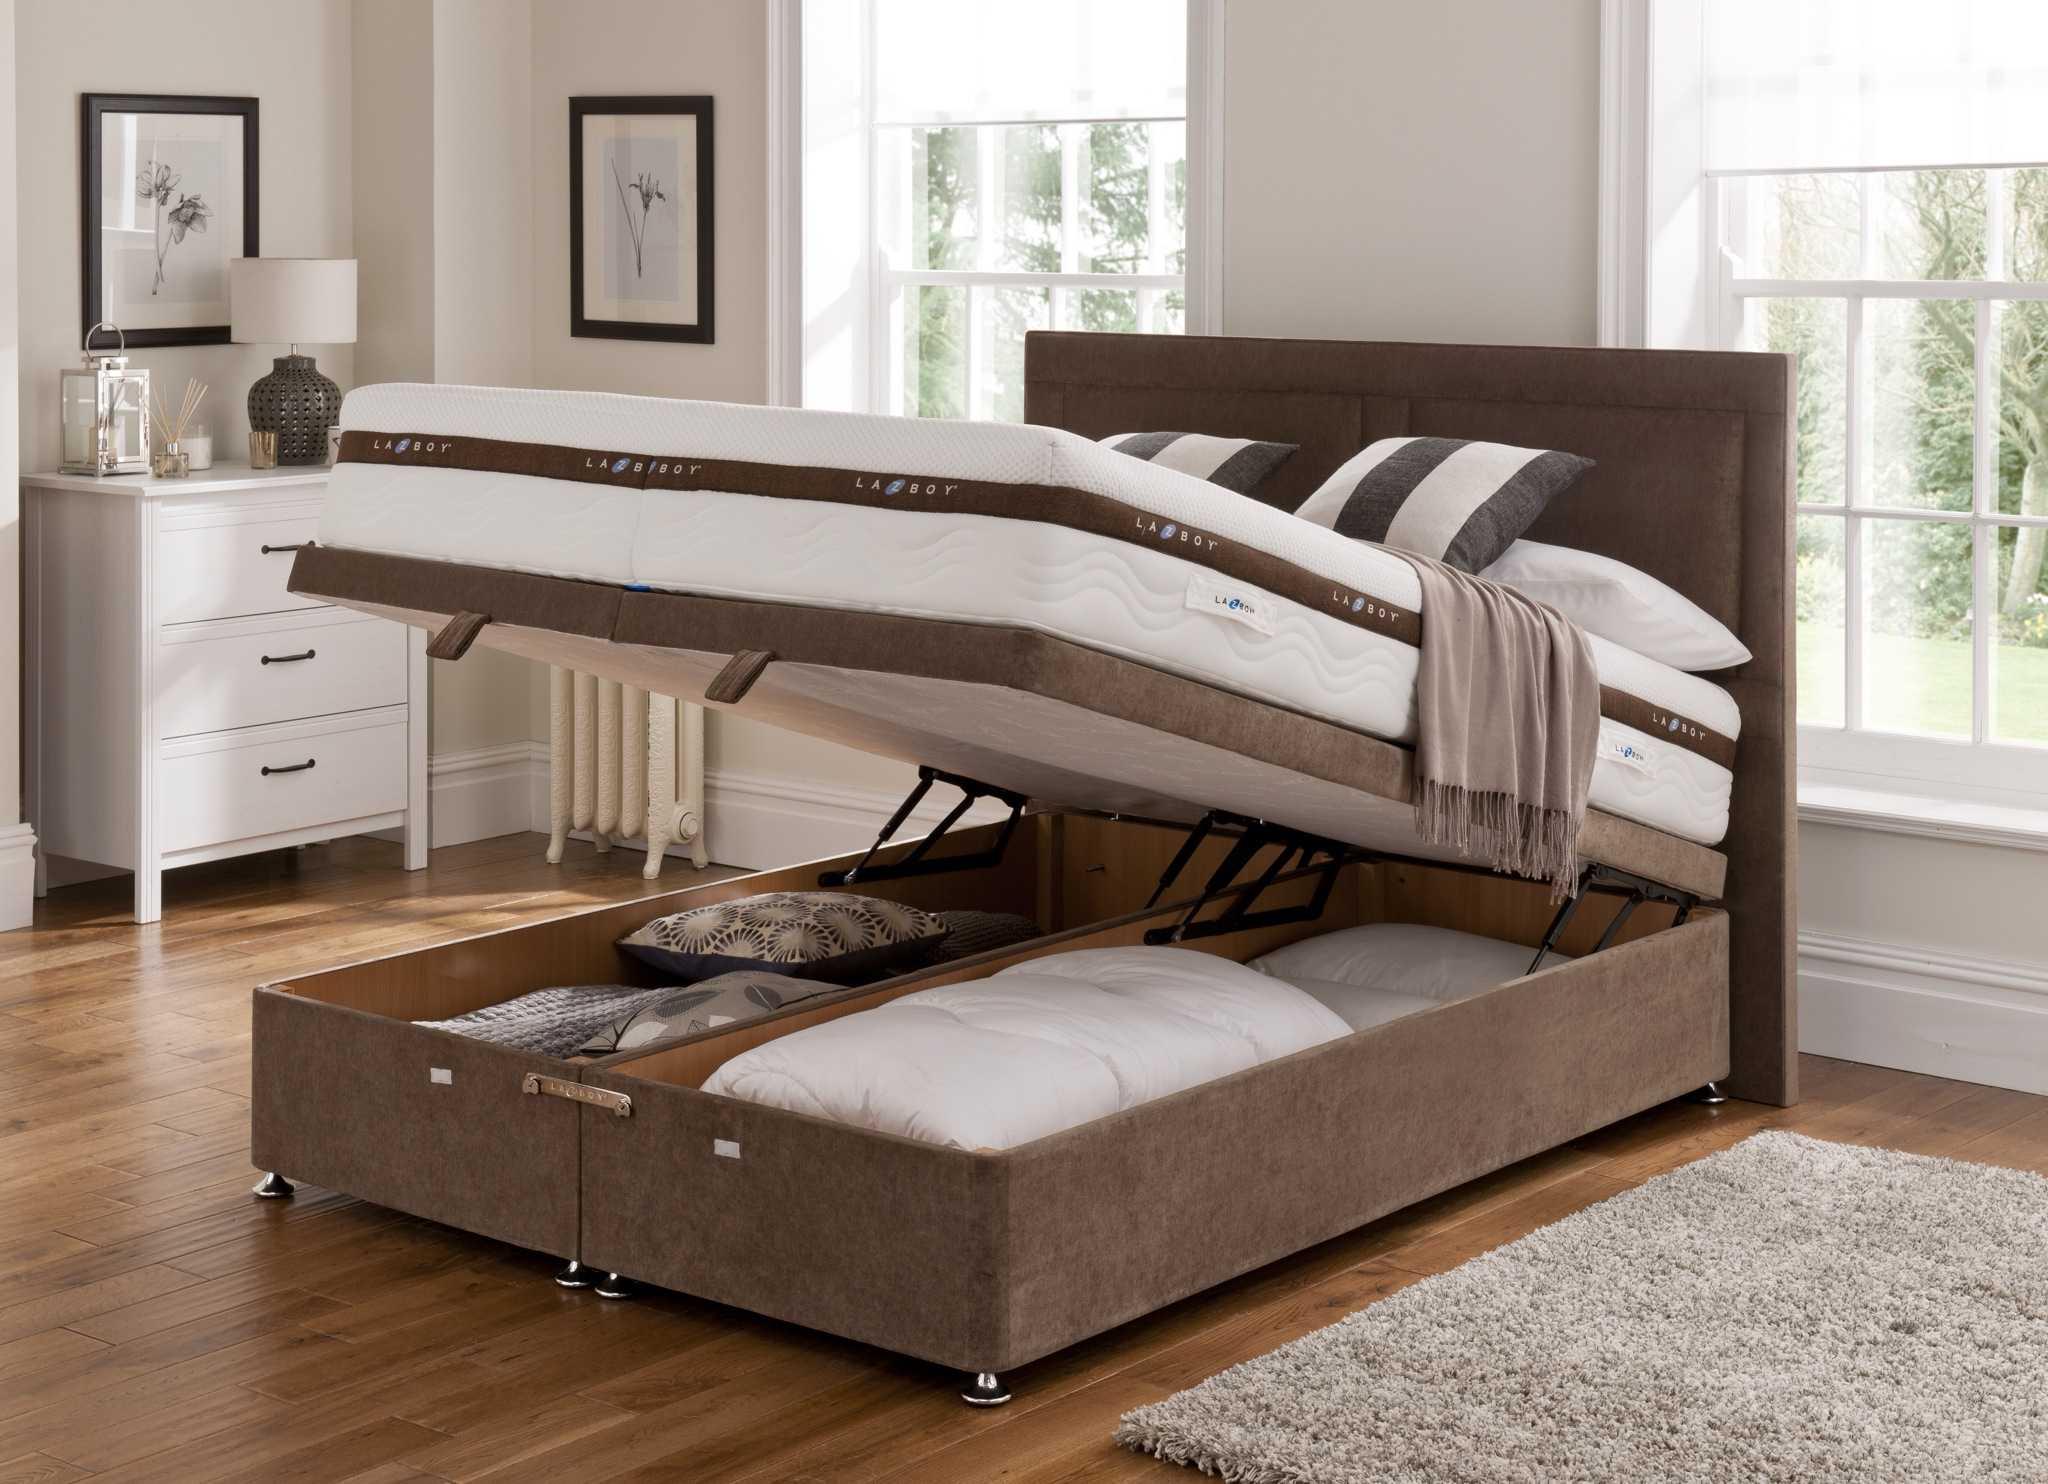 Как выбрать кроватку для - обзор лучших моделей с ценами и фото